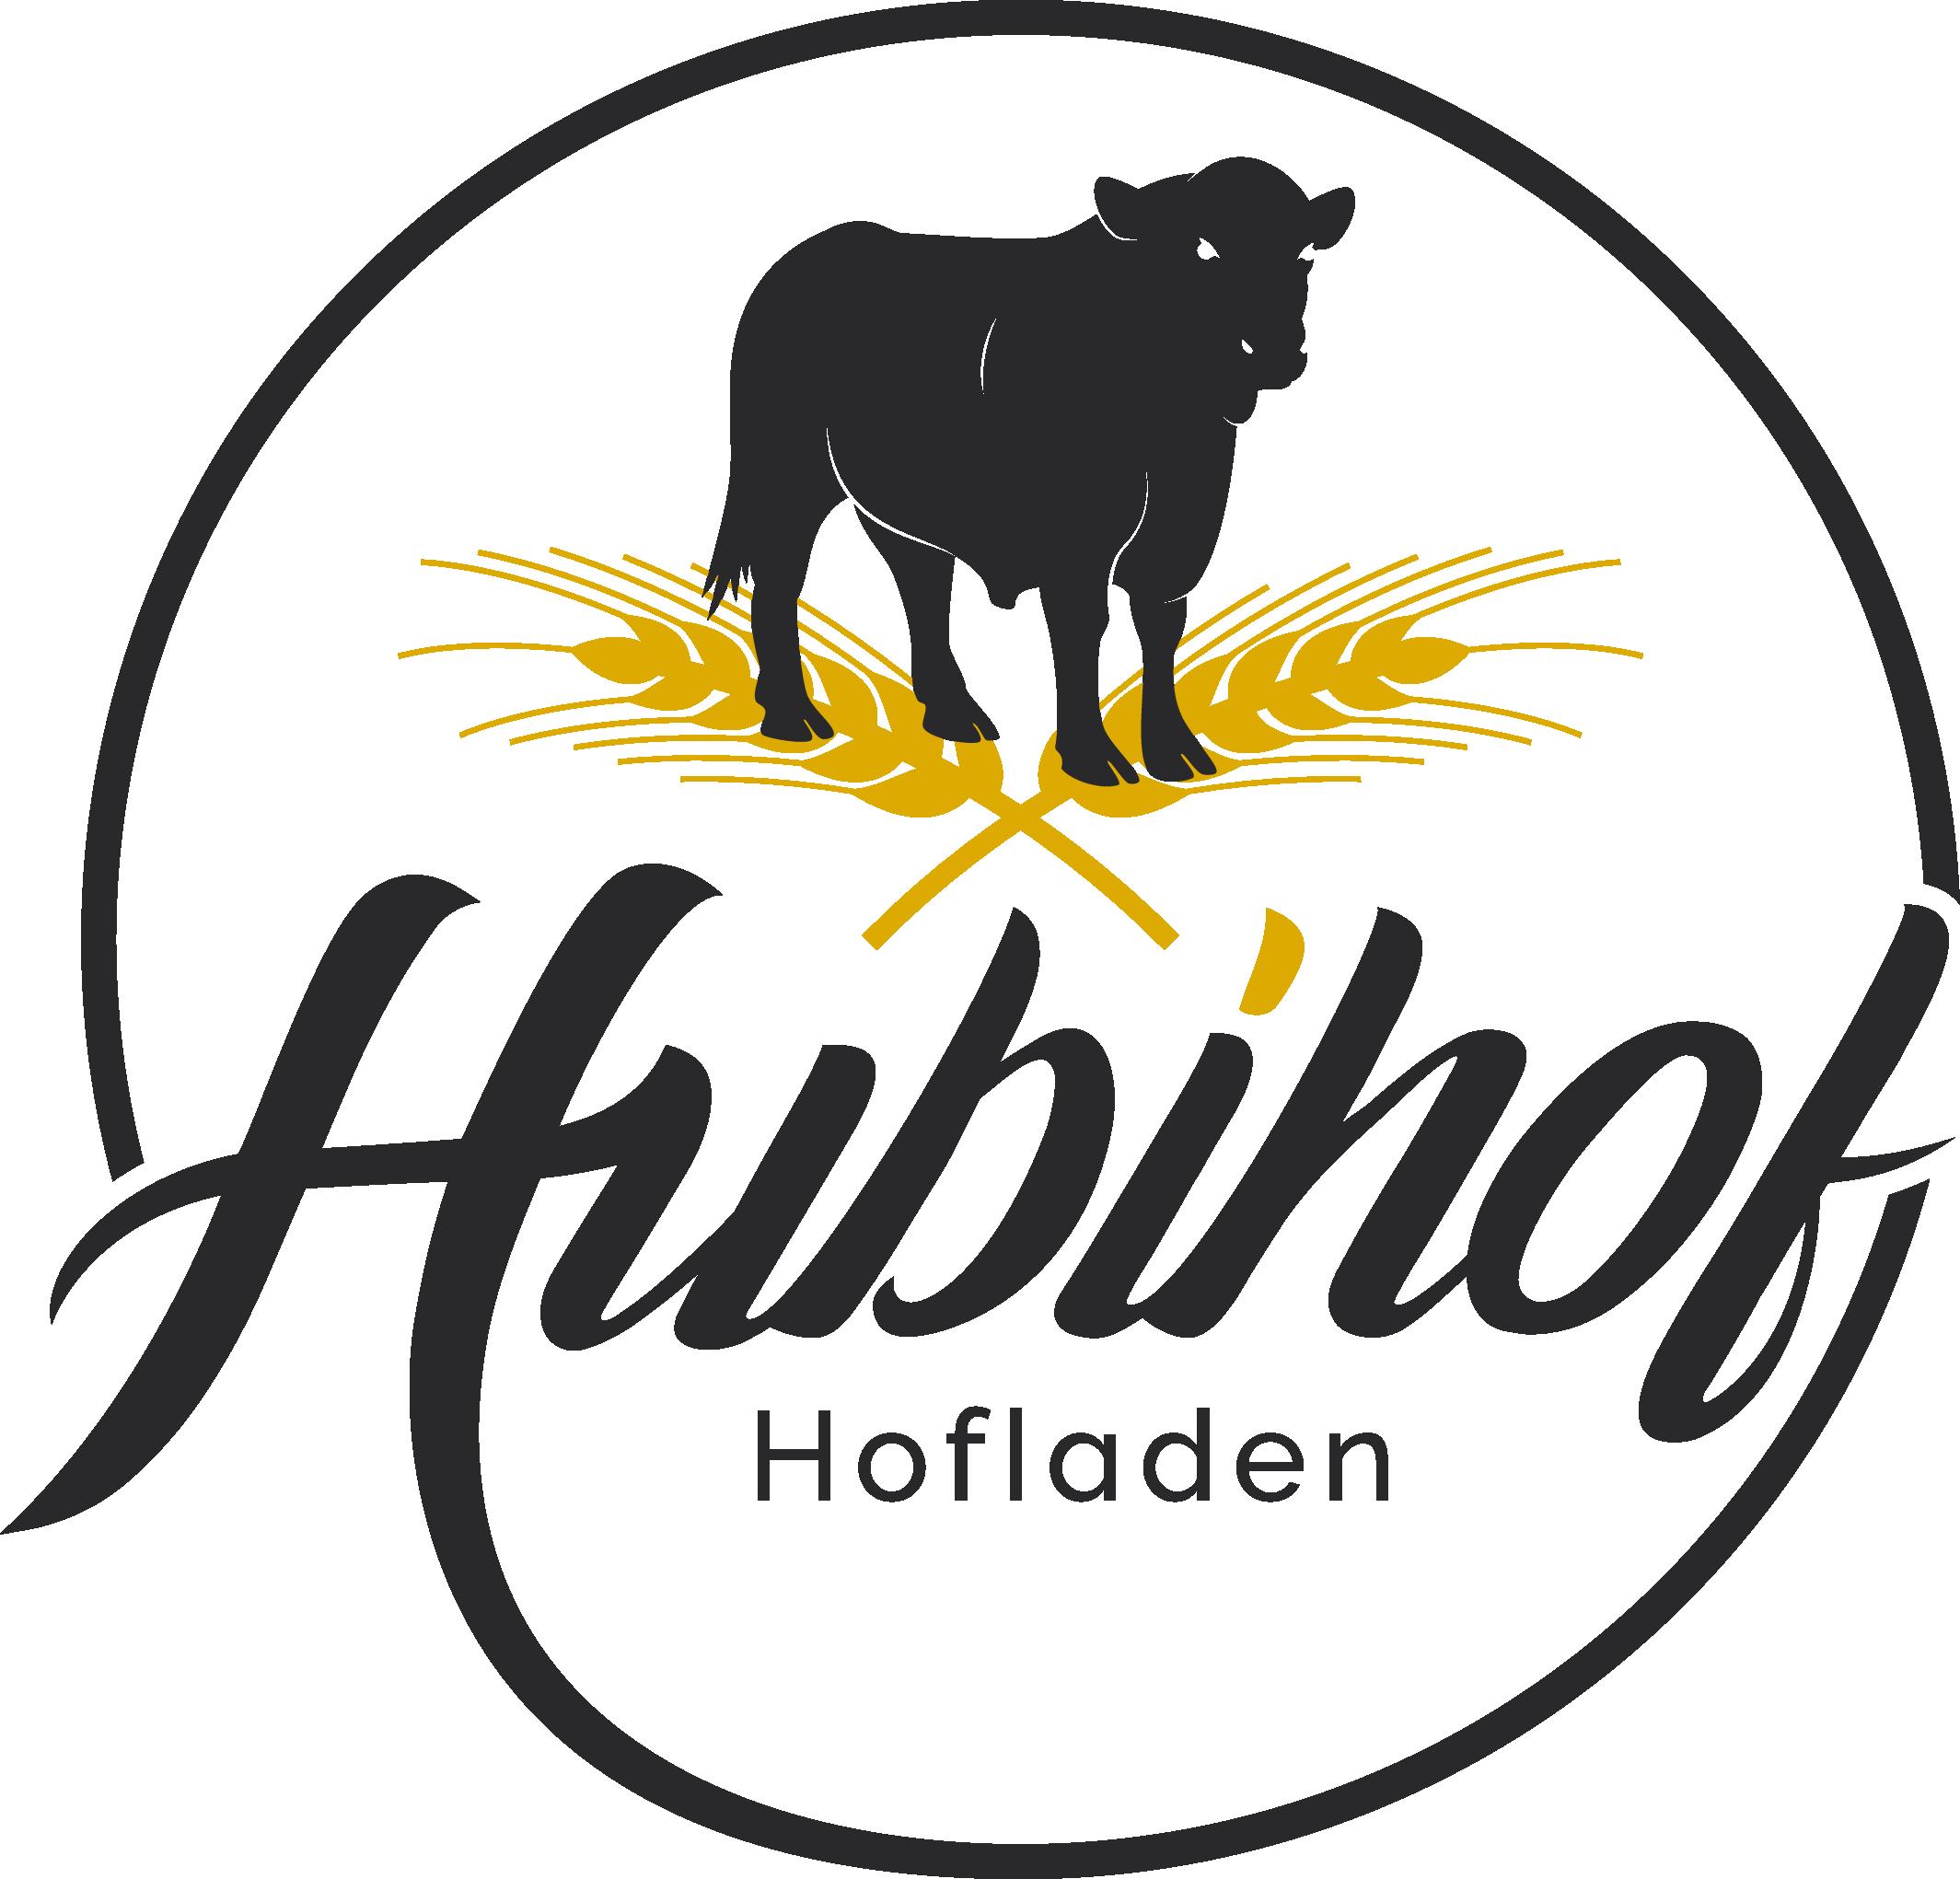 Hofladen-black_300dpipng